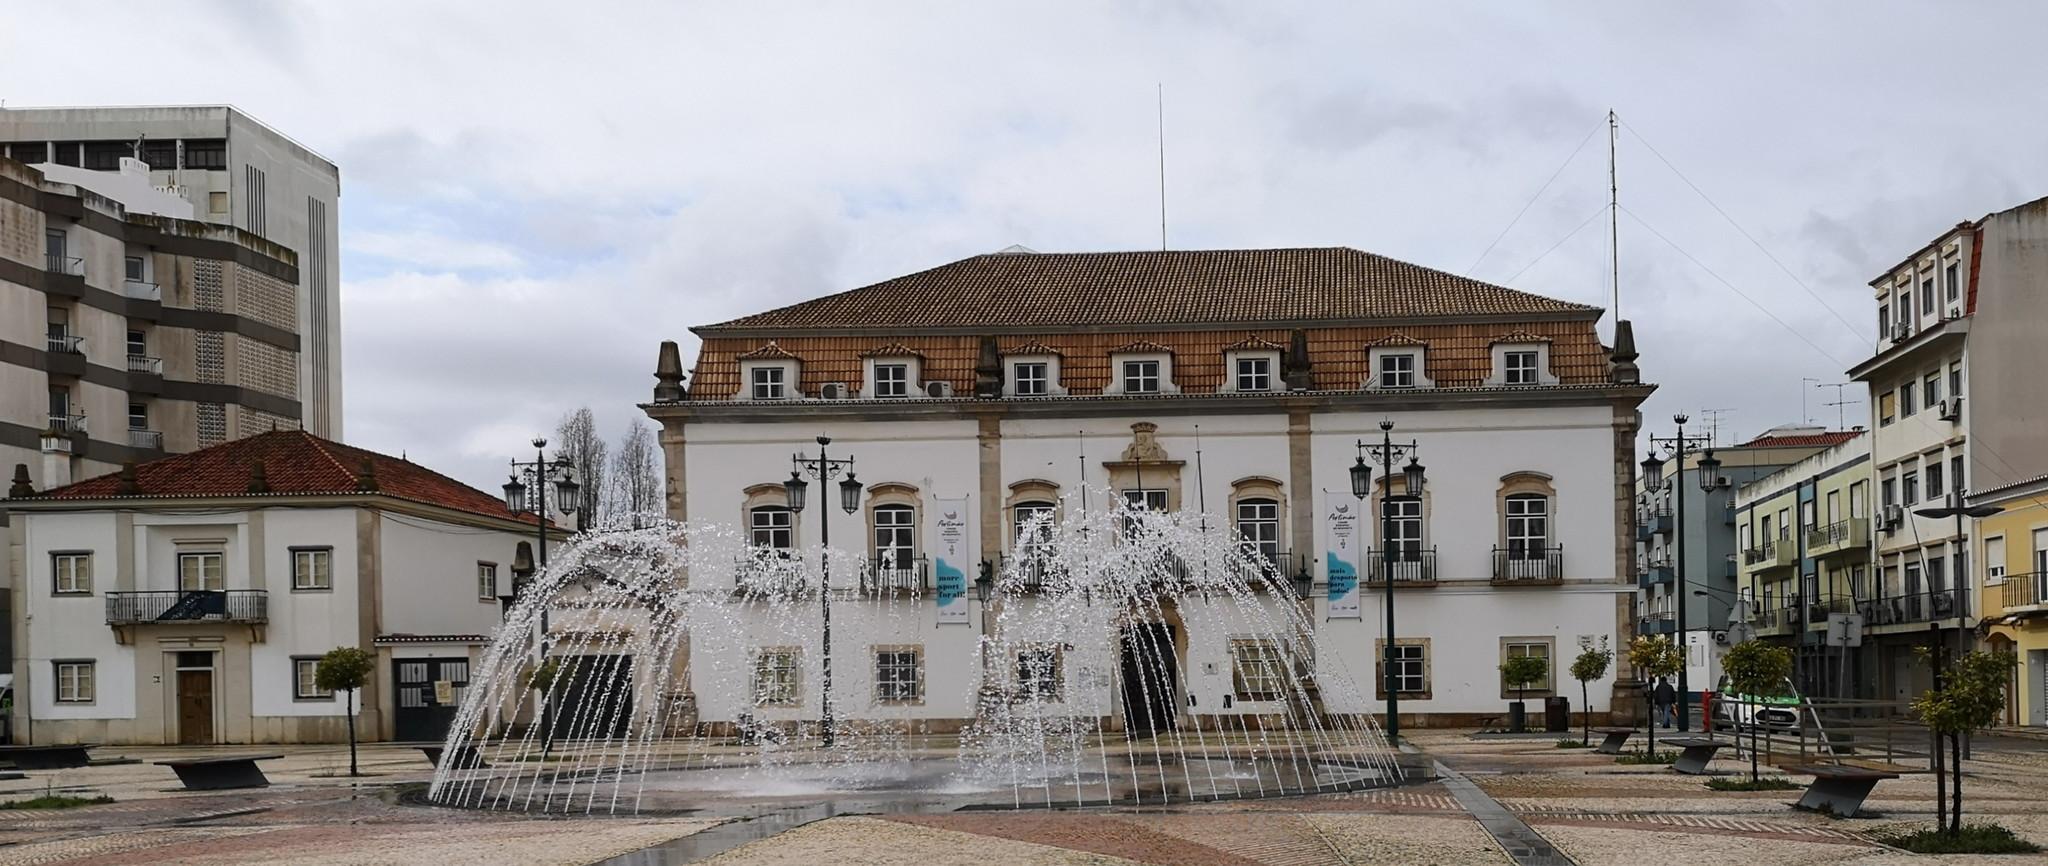 edificio Ayuntamiento Câmara Municipal de Portimão Palacio de Bívar Largo primero de Maio Portimao Algarve Portugal